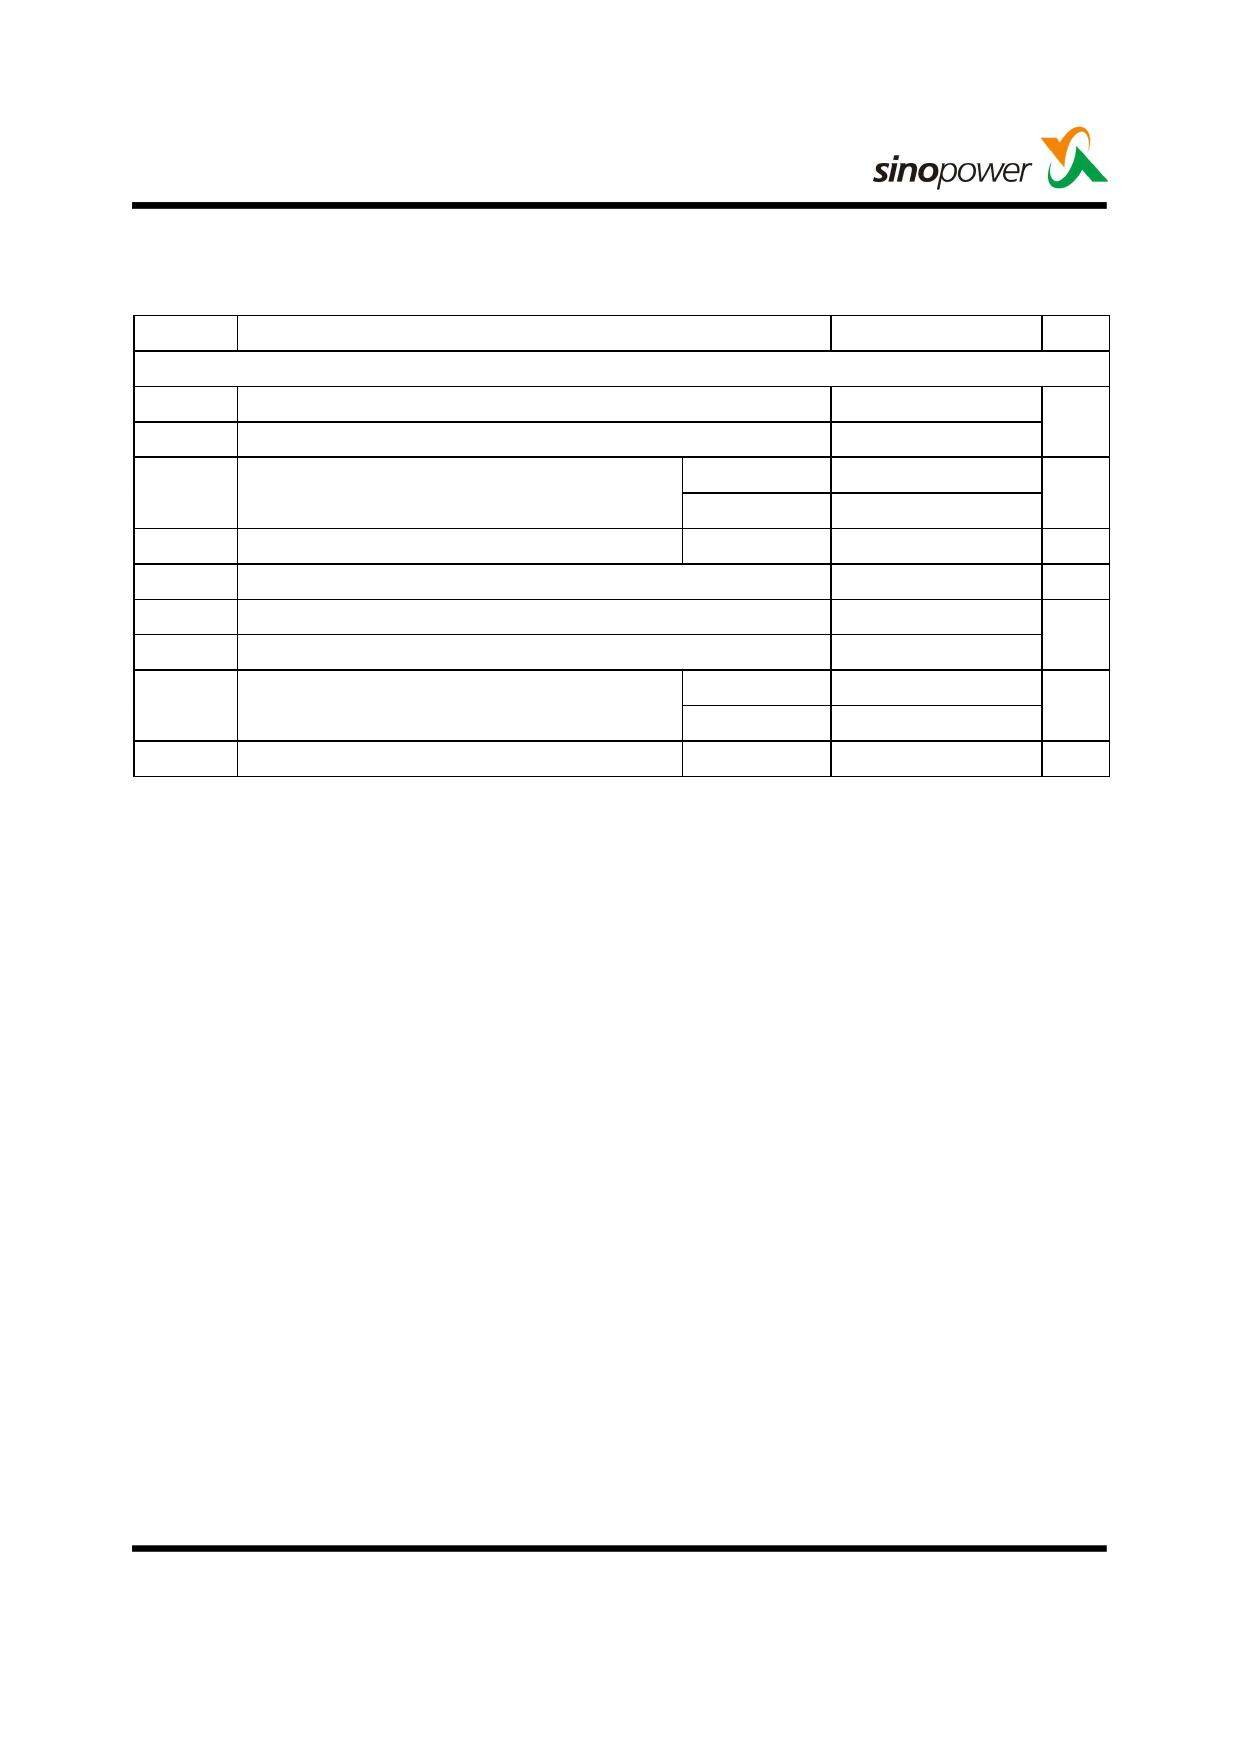 SM9993DSQG pdf, schematic